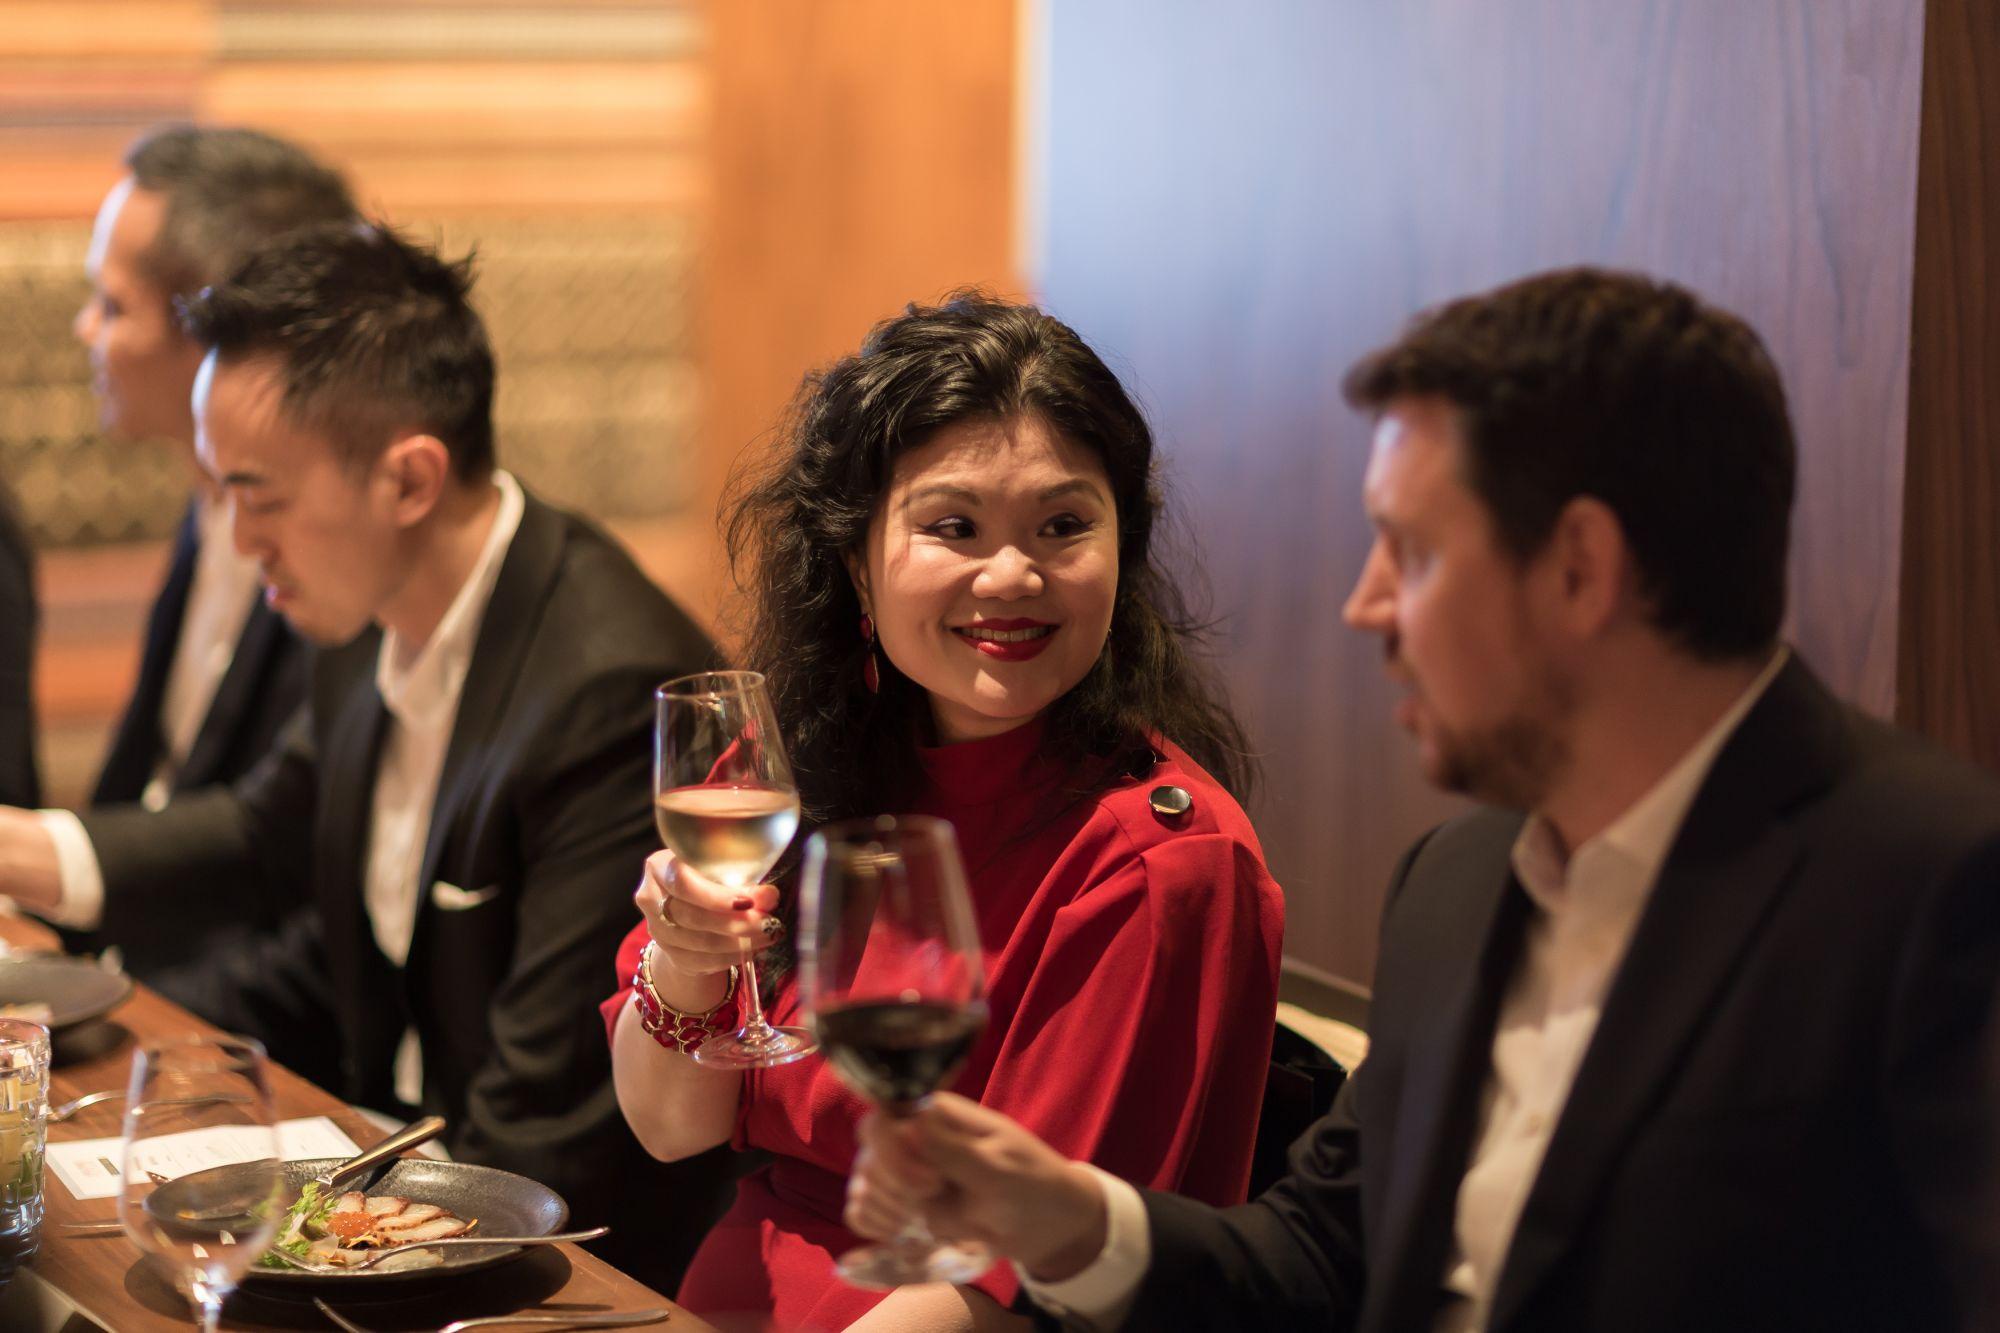 Lam Tse Yi, Darren McDermott